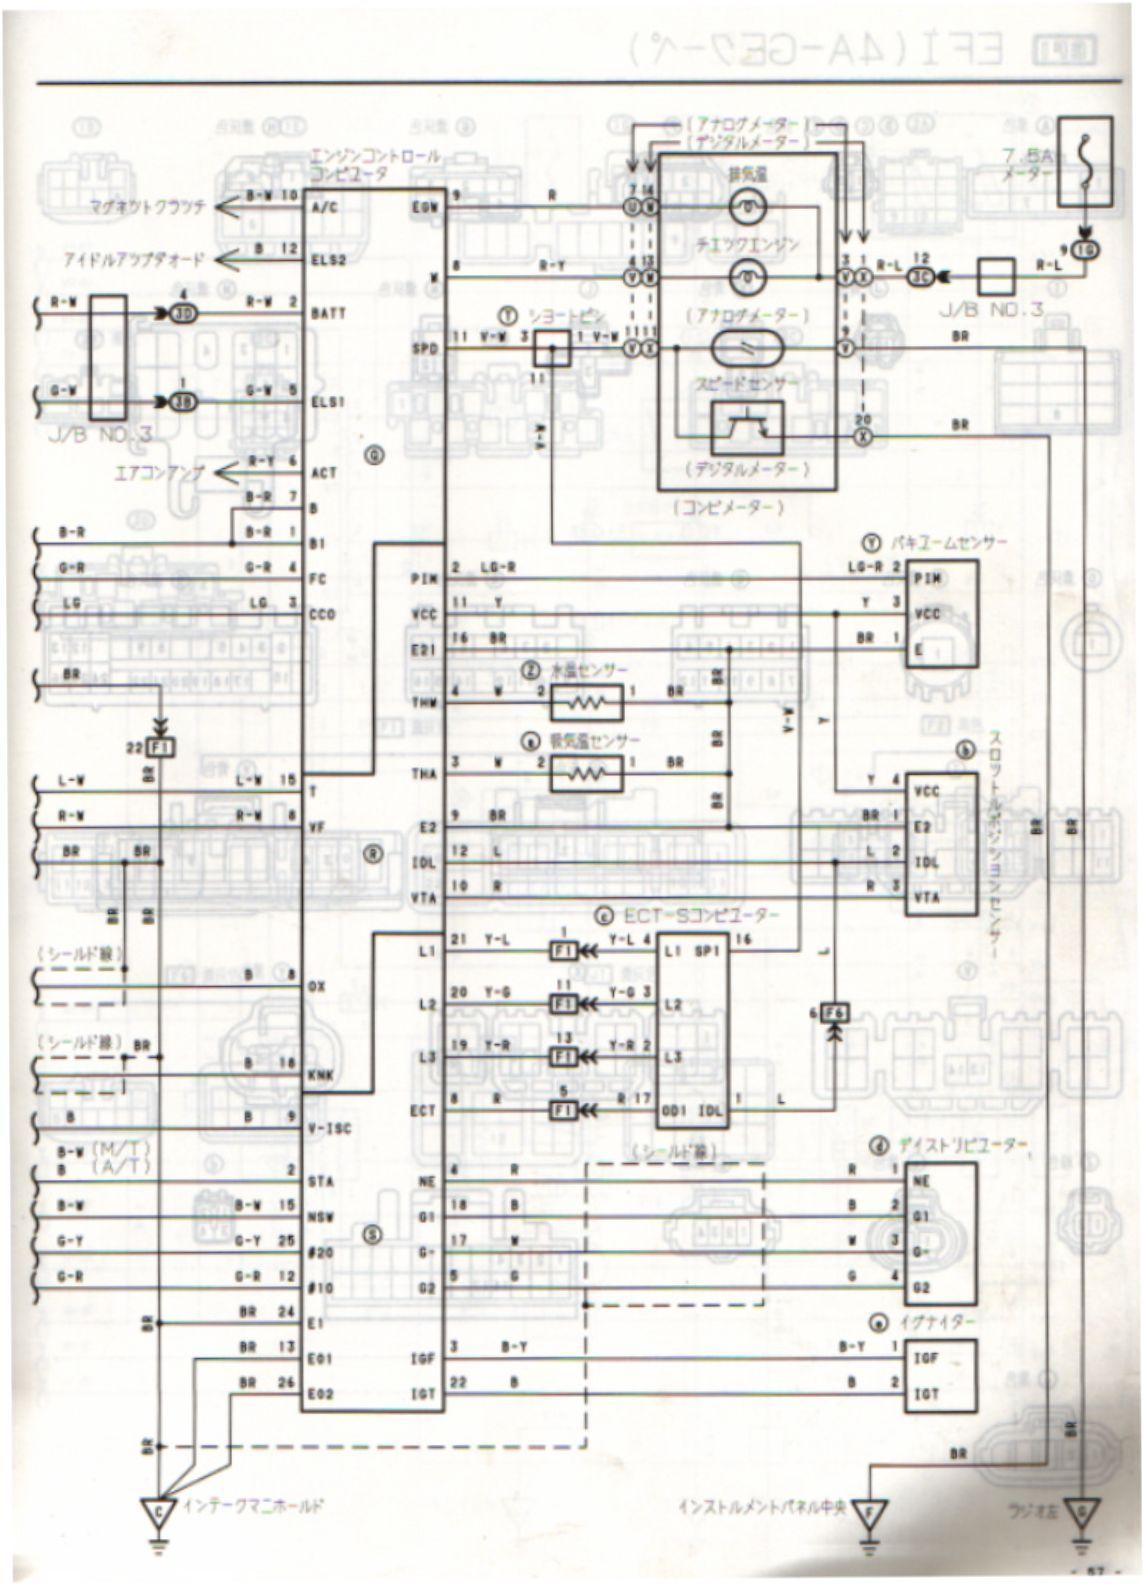 Peugeot 206 Radio Manual Pdf